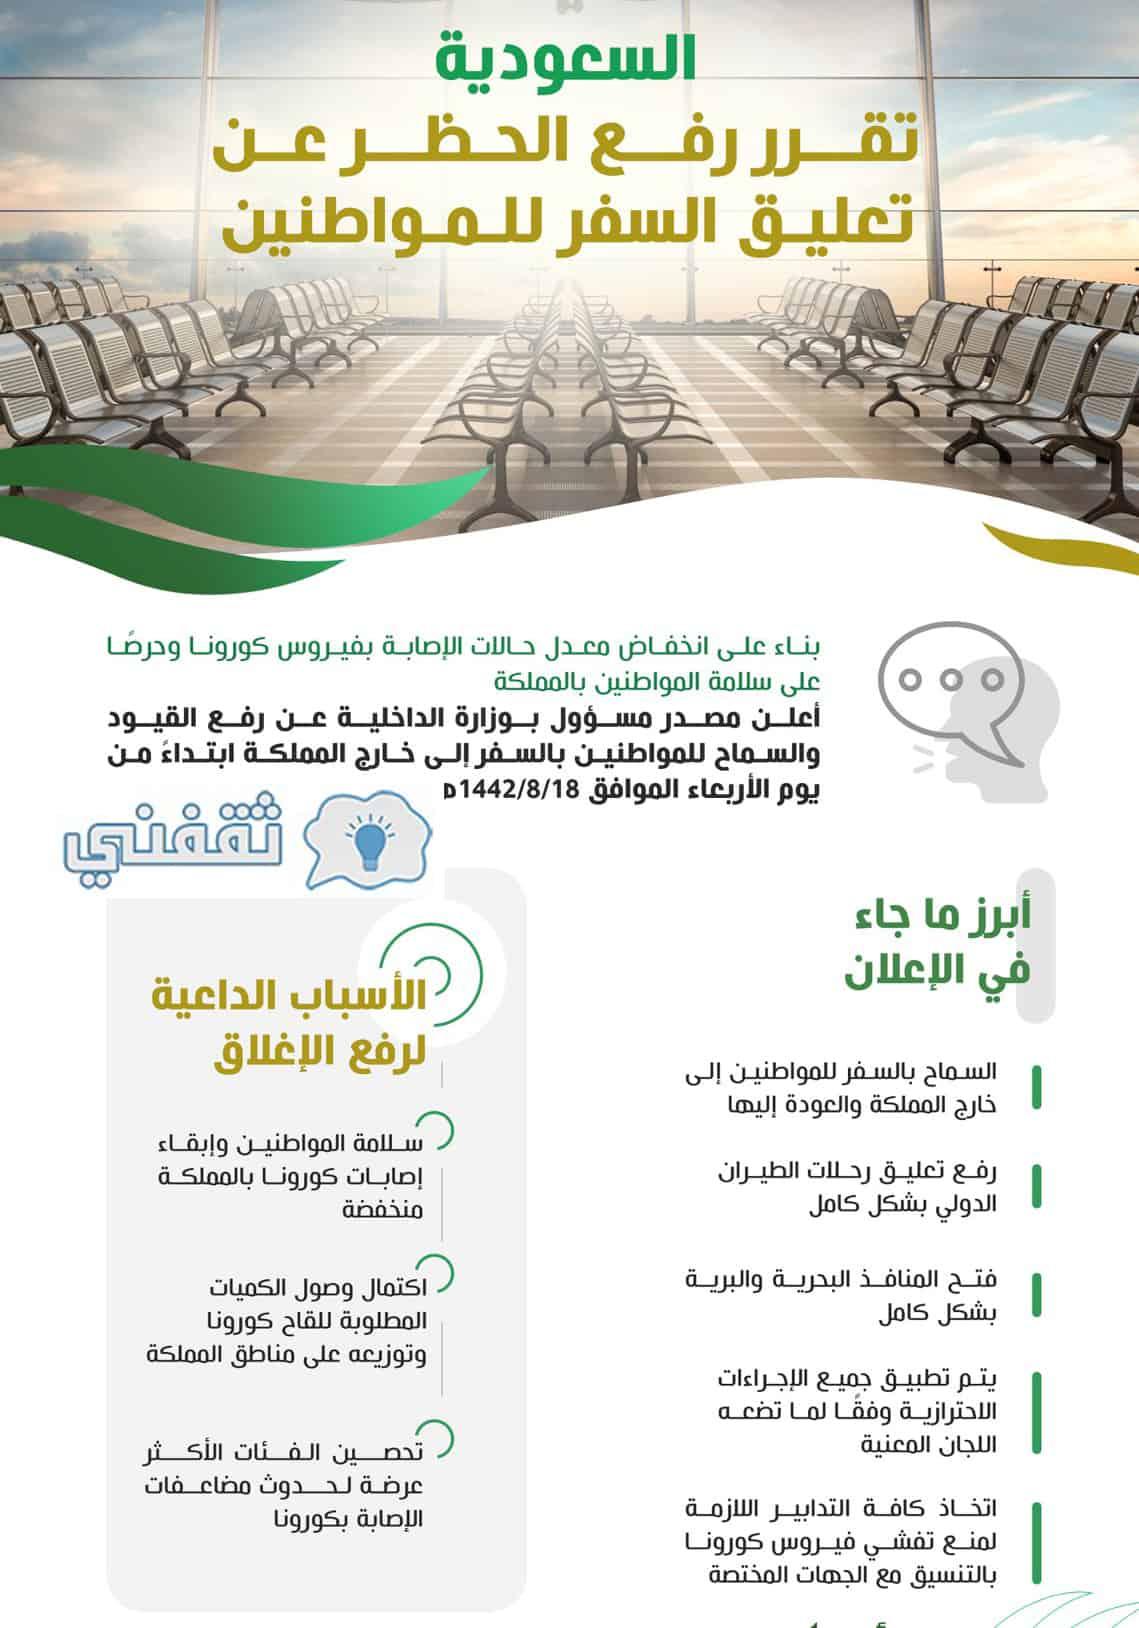 رفع تعليق الطيران الدولي بالسعودية